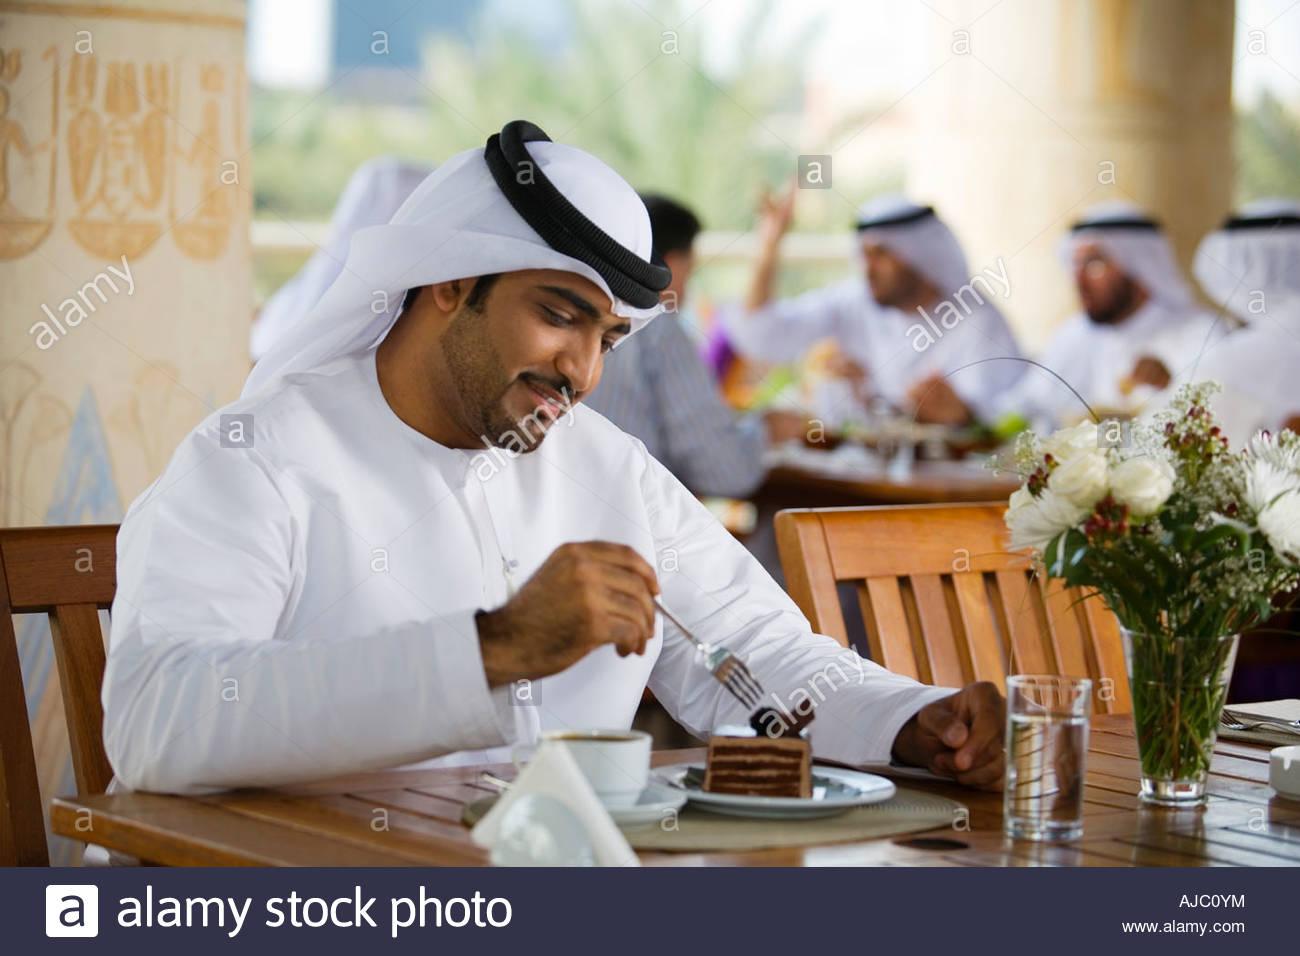 arab-man-eating-dessert-in-cafe-AJC0YM.jpg